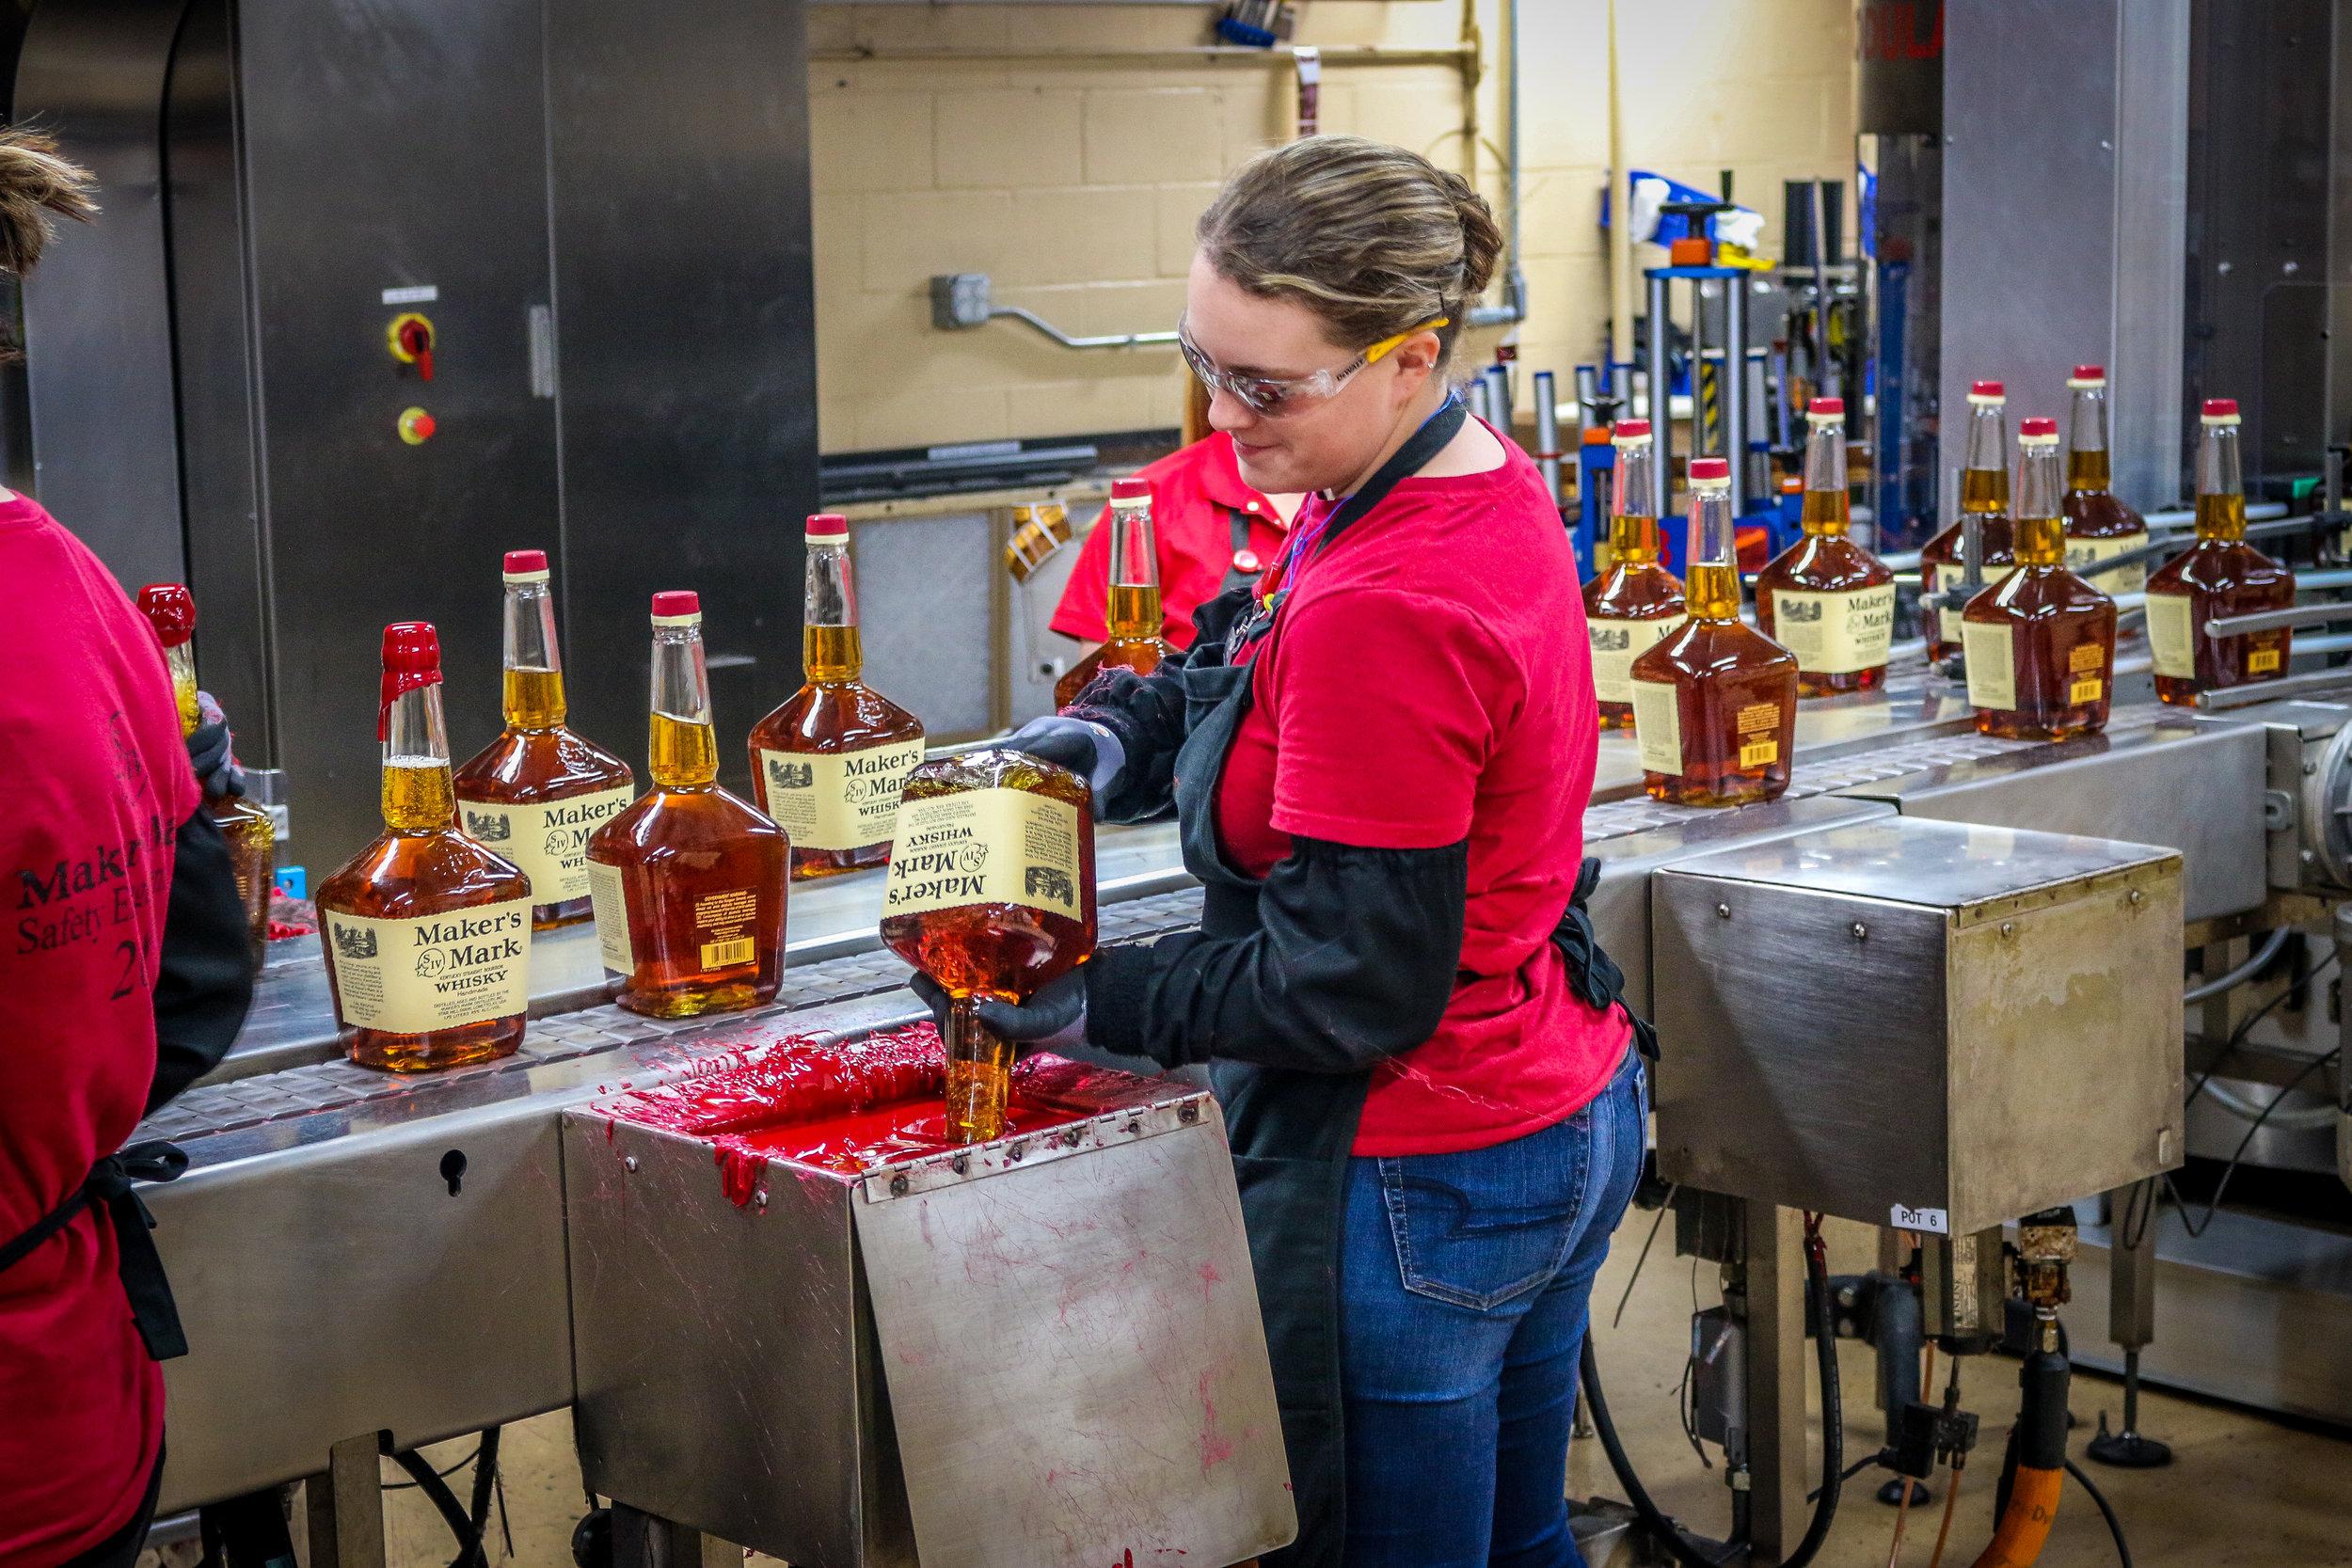 Dipping Bottles at Maker's Mark